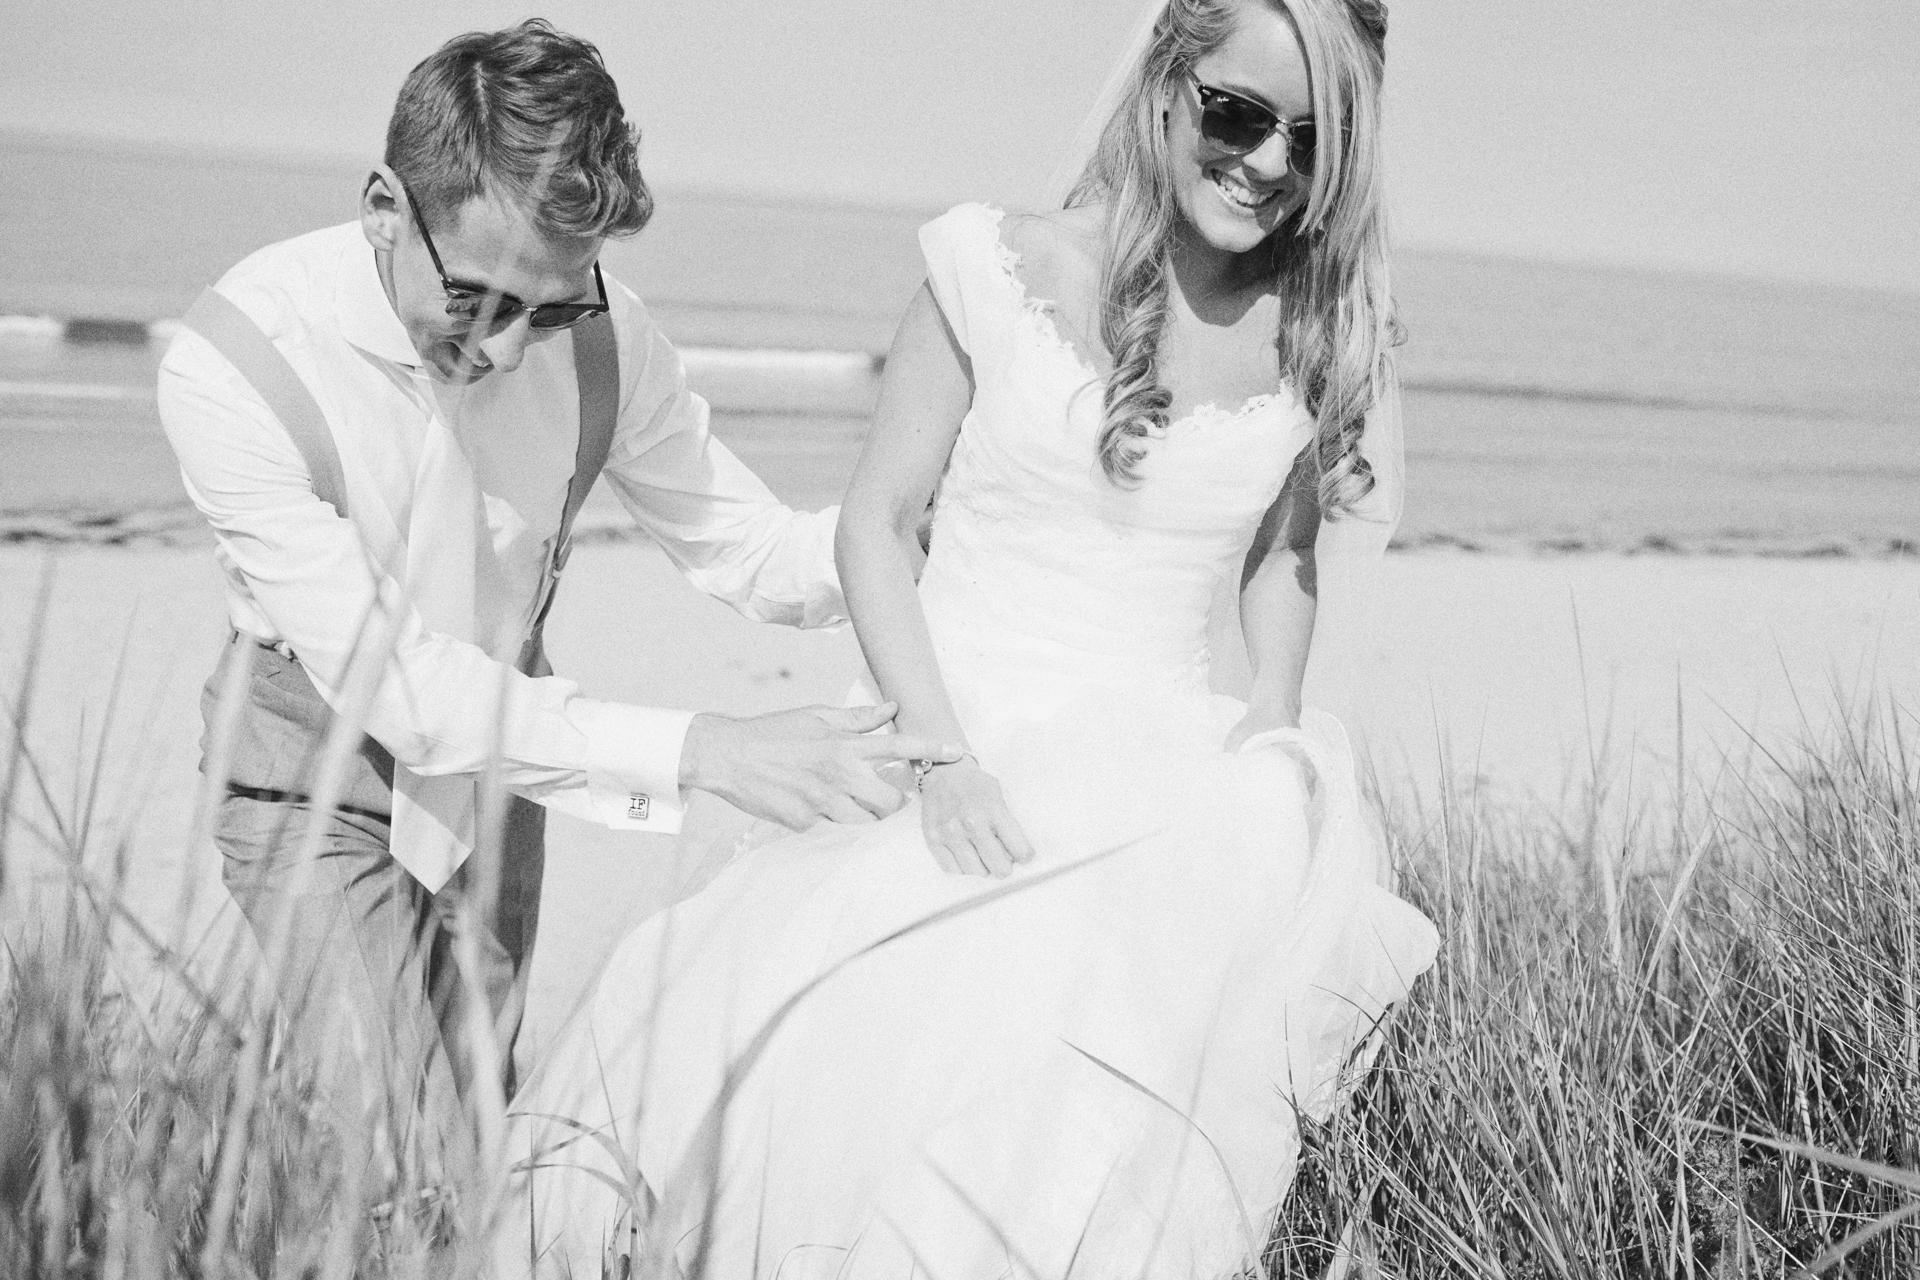 Seaside wedding photographer UK